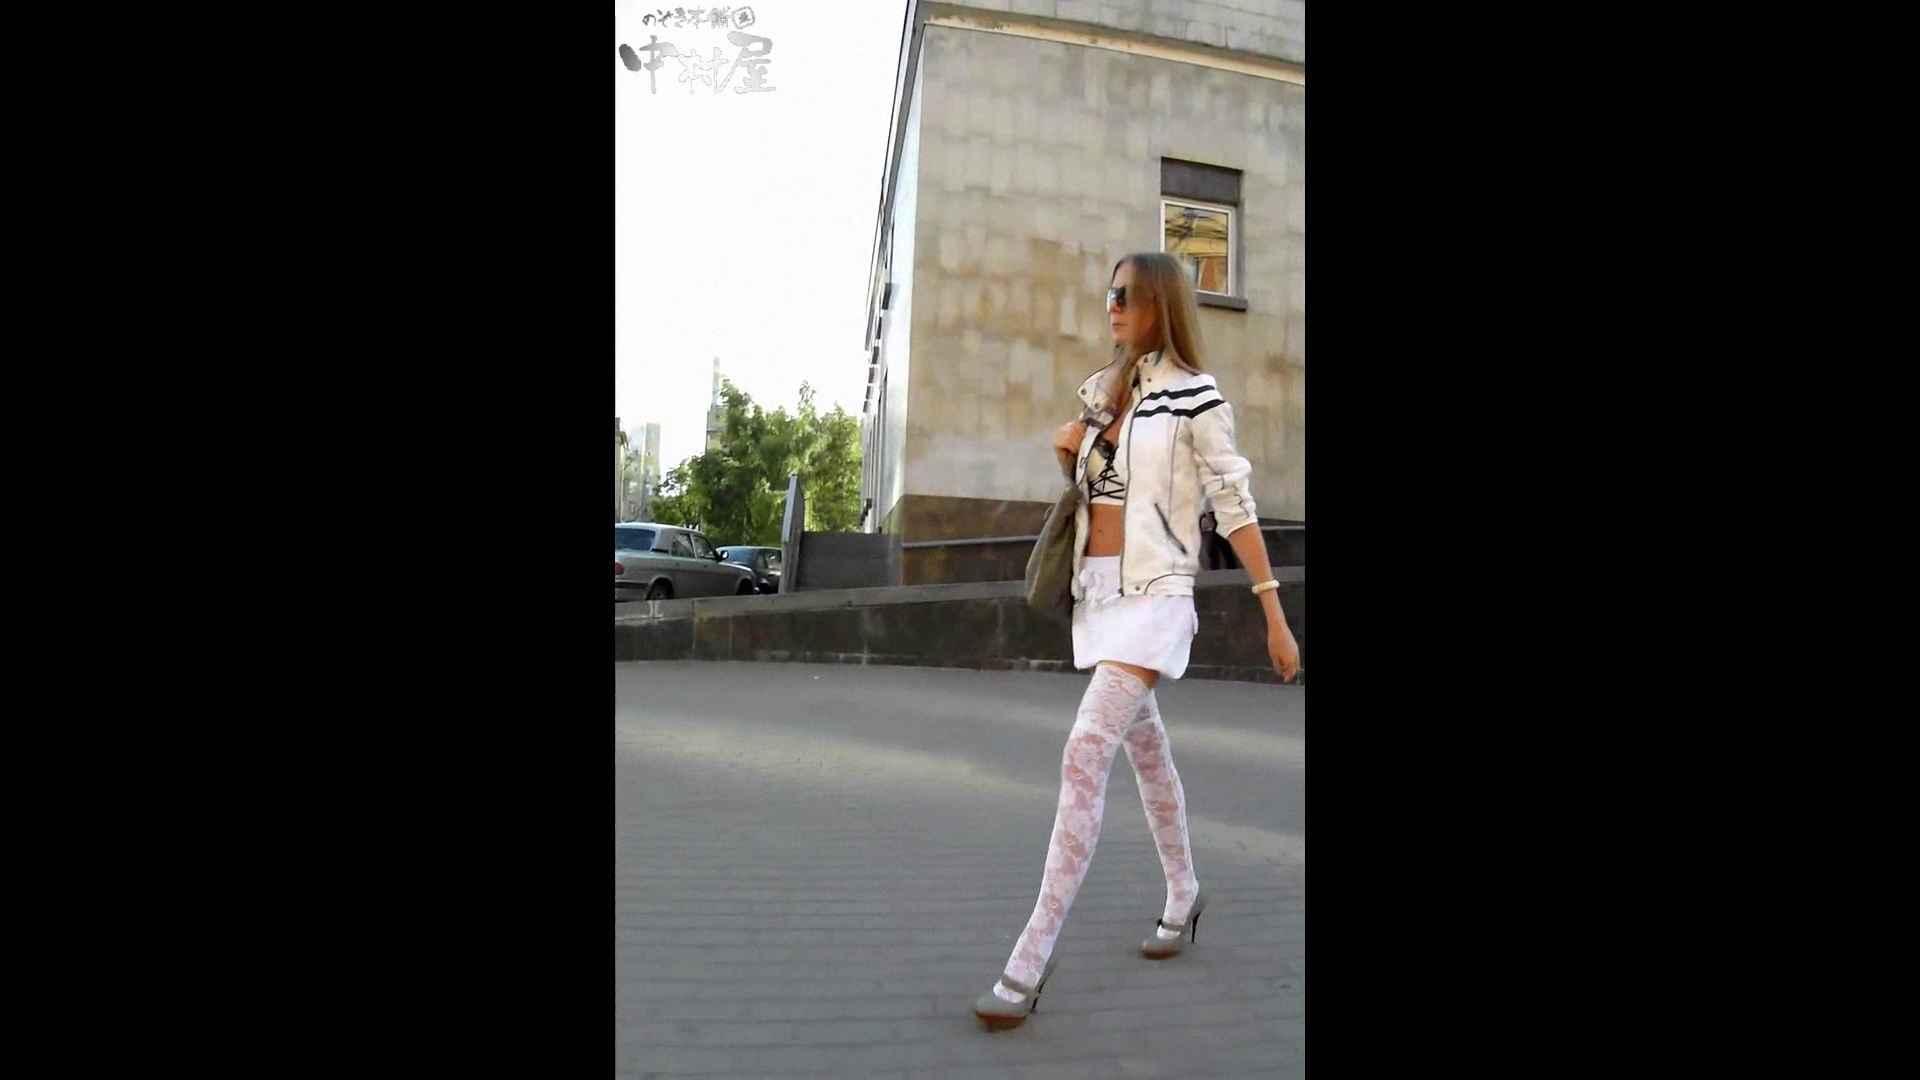 綺麗なモデルさんのスカート捲っちゃおう‼ vol16 OLセックス   お姉さんヌード  100画像 31